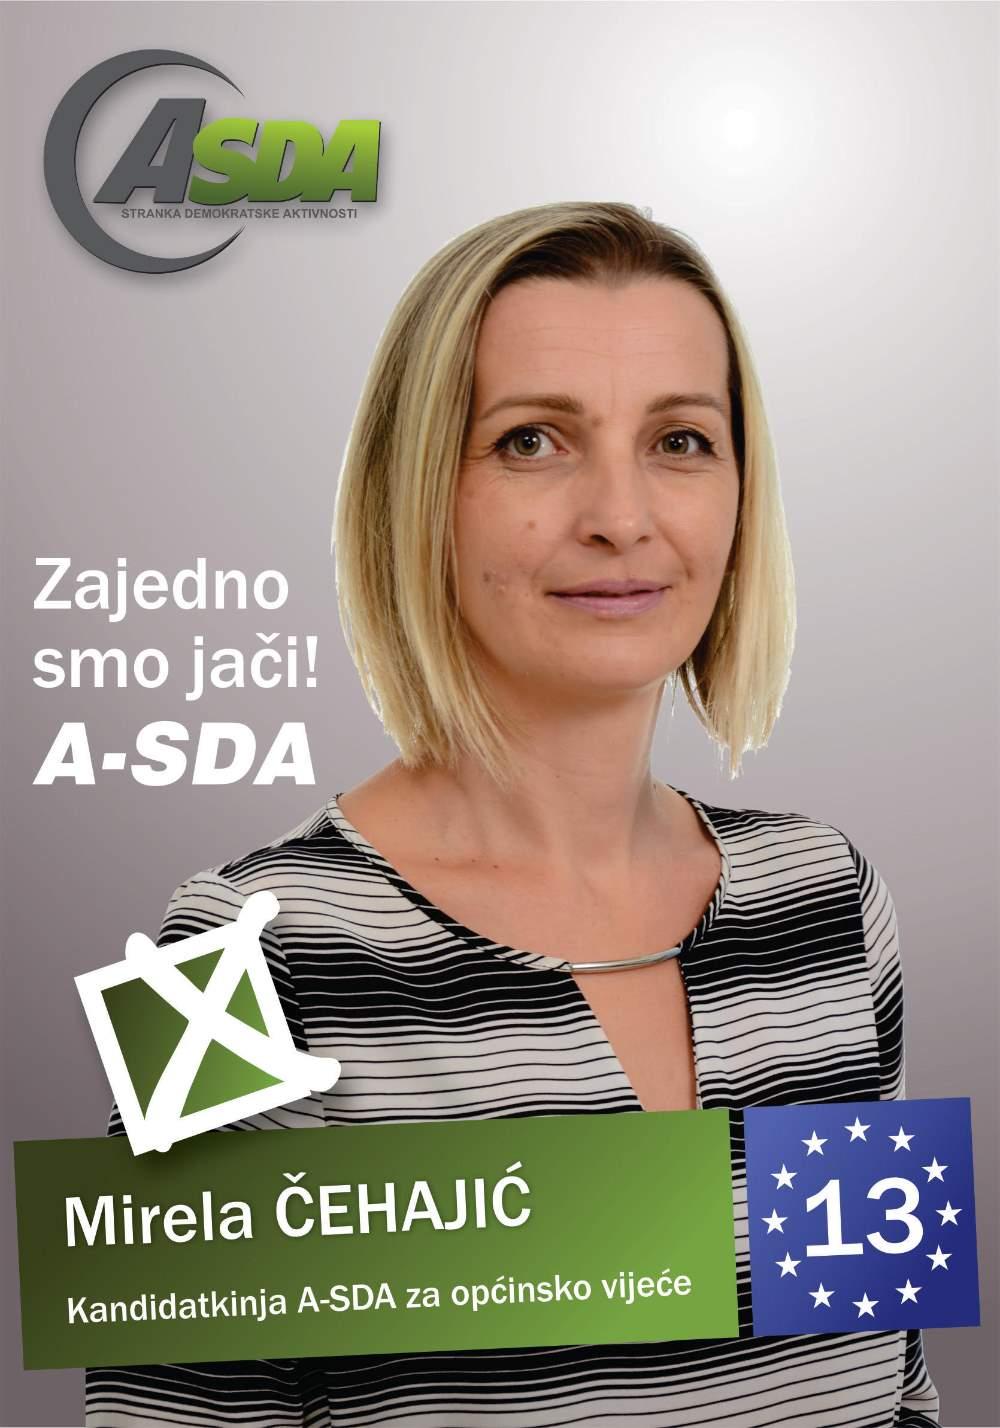 Mirela Čehajić